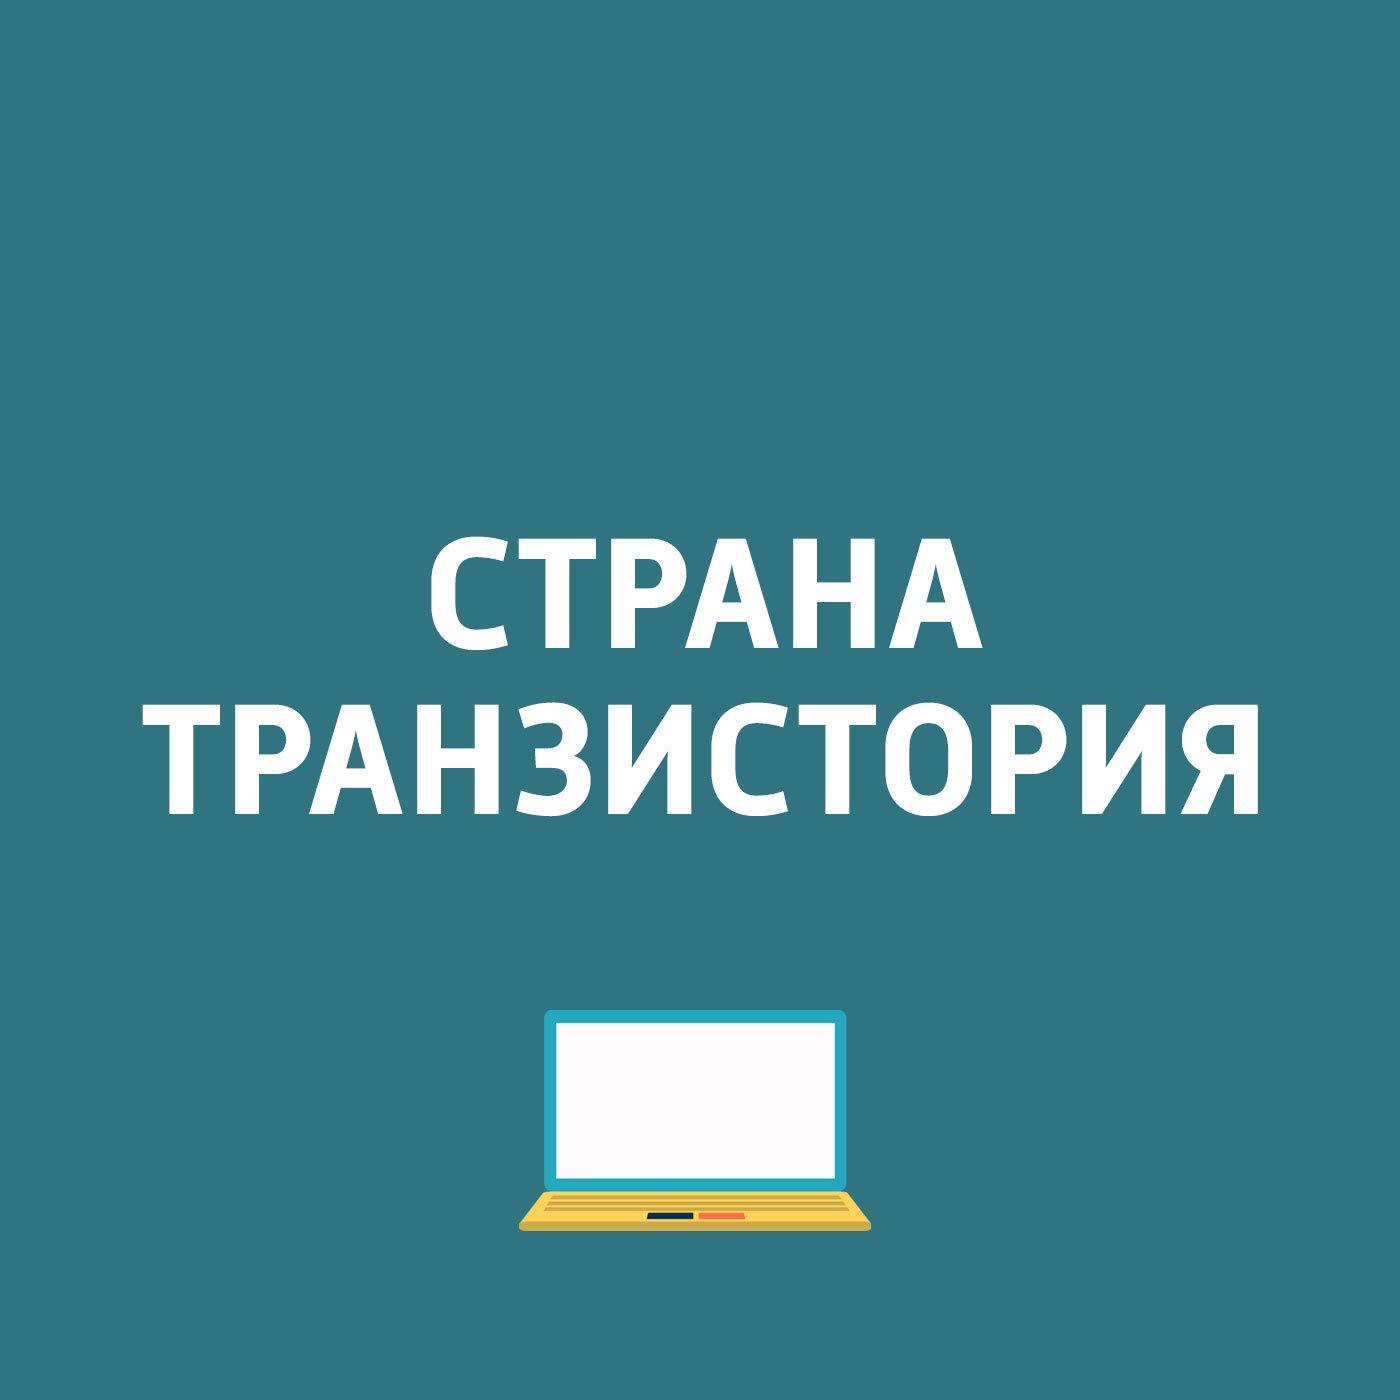 Картаев Павел Новые презентации Huawei. Киберспортивная площадка в Москве... ноутбук яндекс